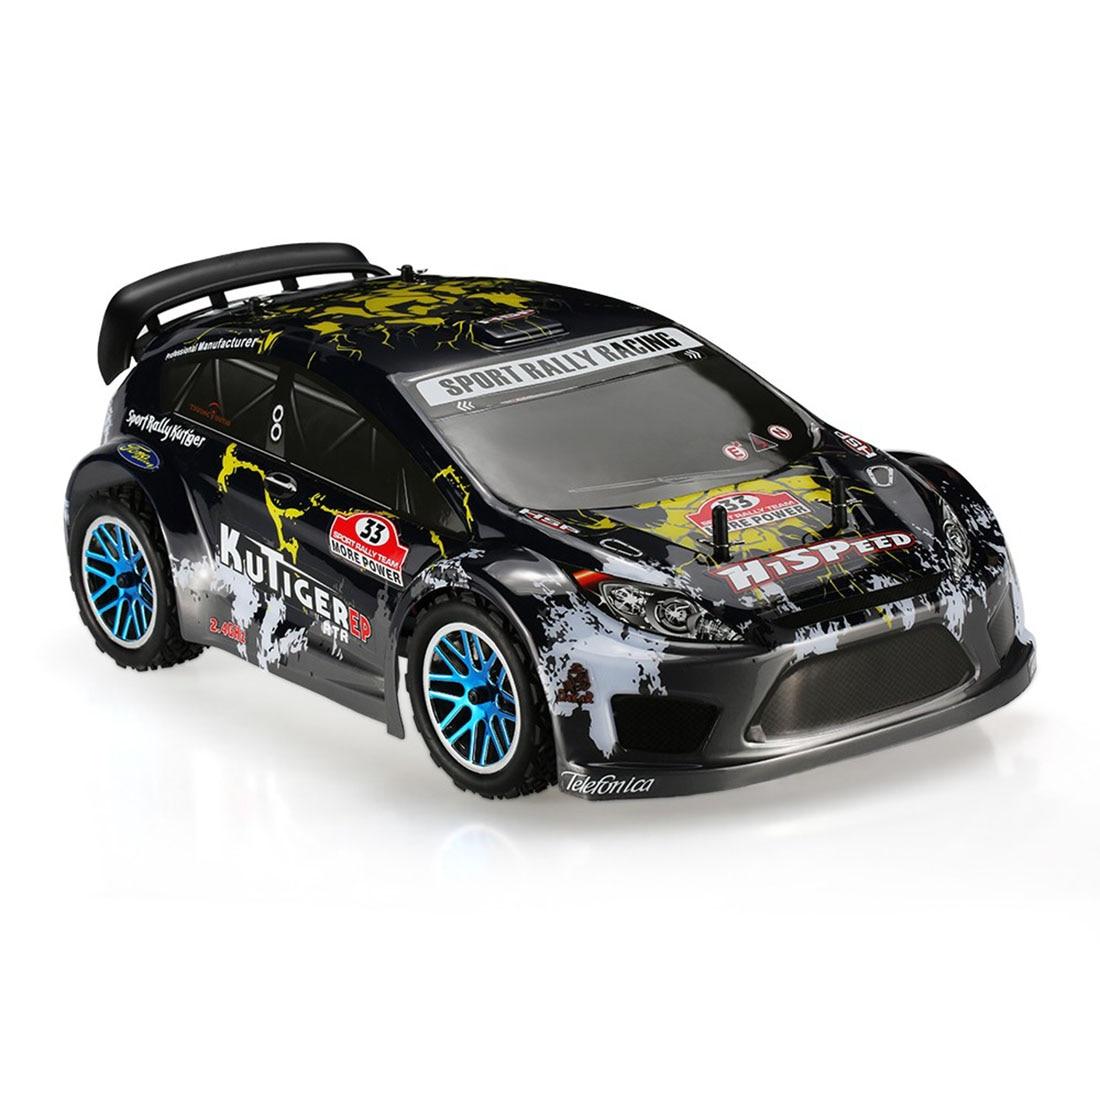 HSP 94118PRO 1:10 4WD électrique Brushless haute vitesse tout-terrain rallye Racing 2.4G sans fil RC modèle voiture (couleur aléatoire de la coque de voiture)